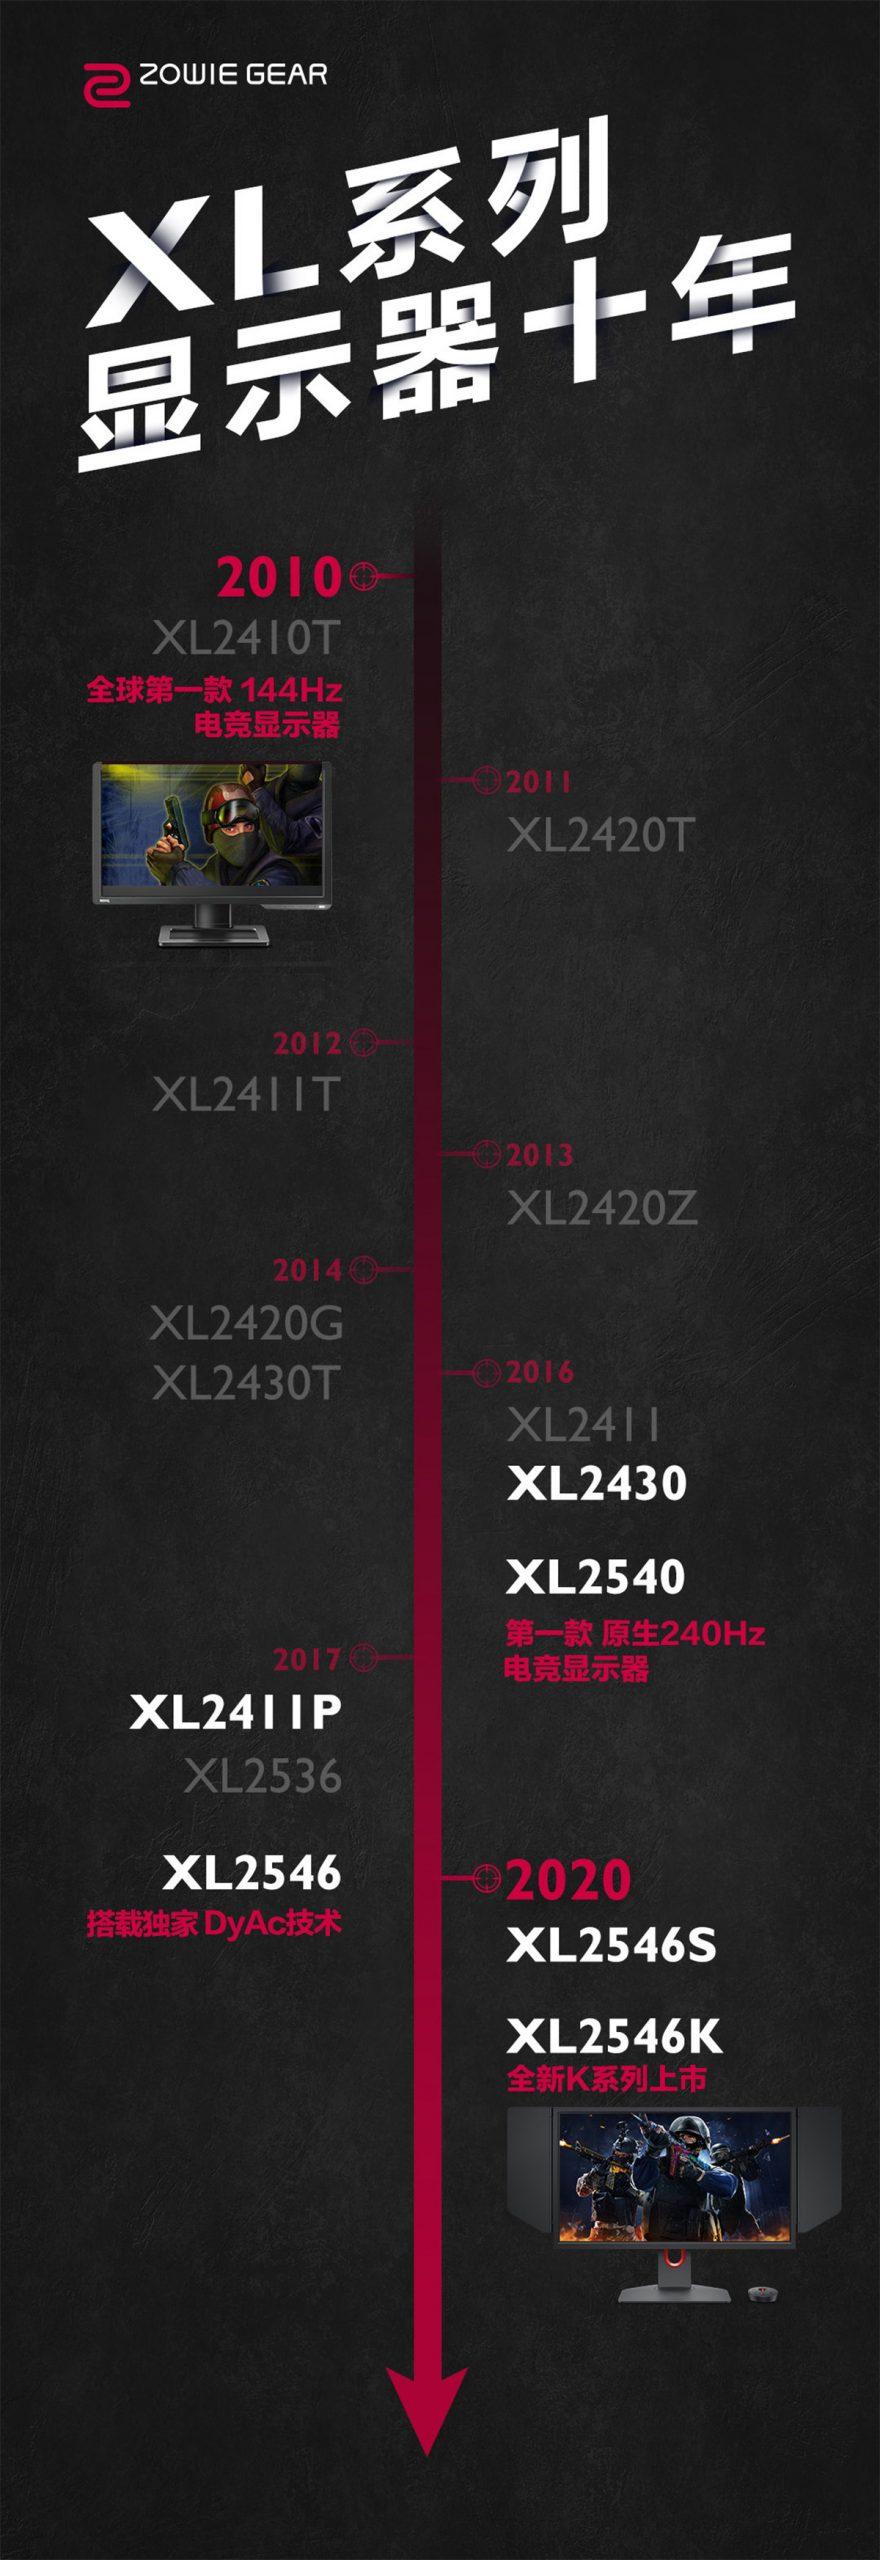 十年,与你同在 —— ZOWIE XL系列显示器